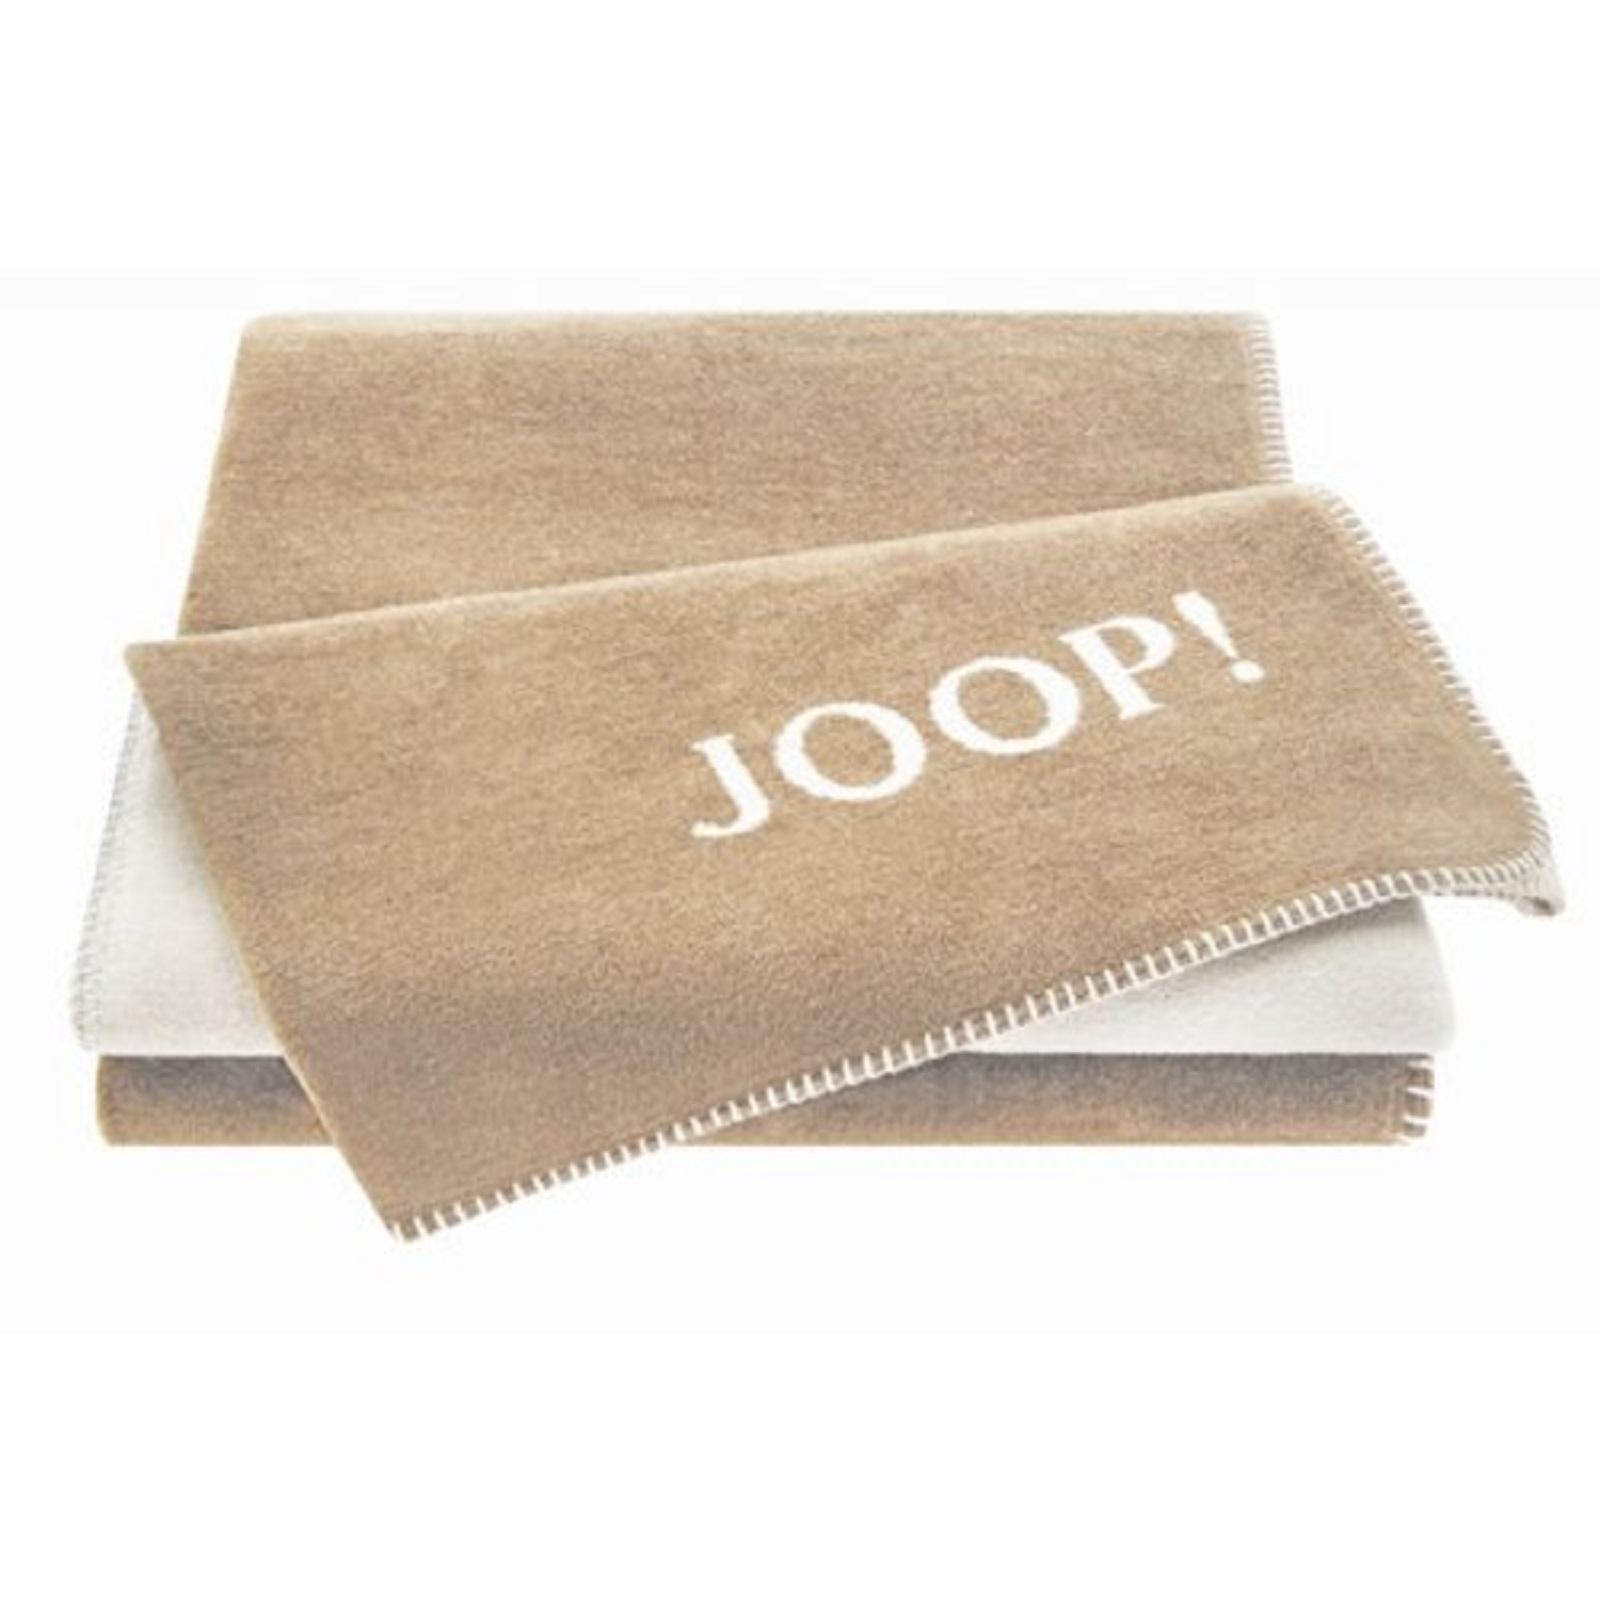 joop 585639 uni doubleface wohndecke kuscheldecke decke schnur taupe ebay. Black Bedroom Furniture Sets. Home Design Ideas